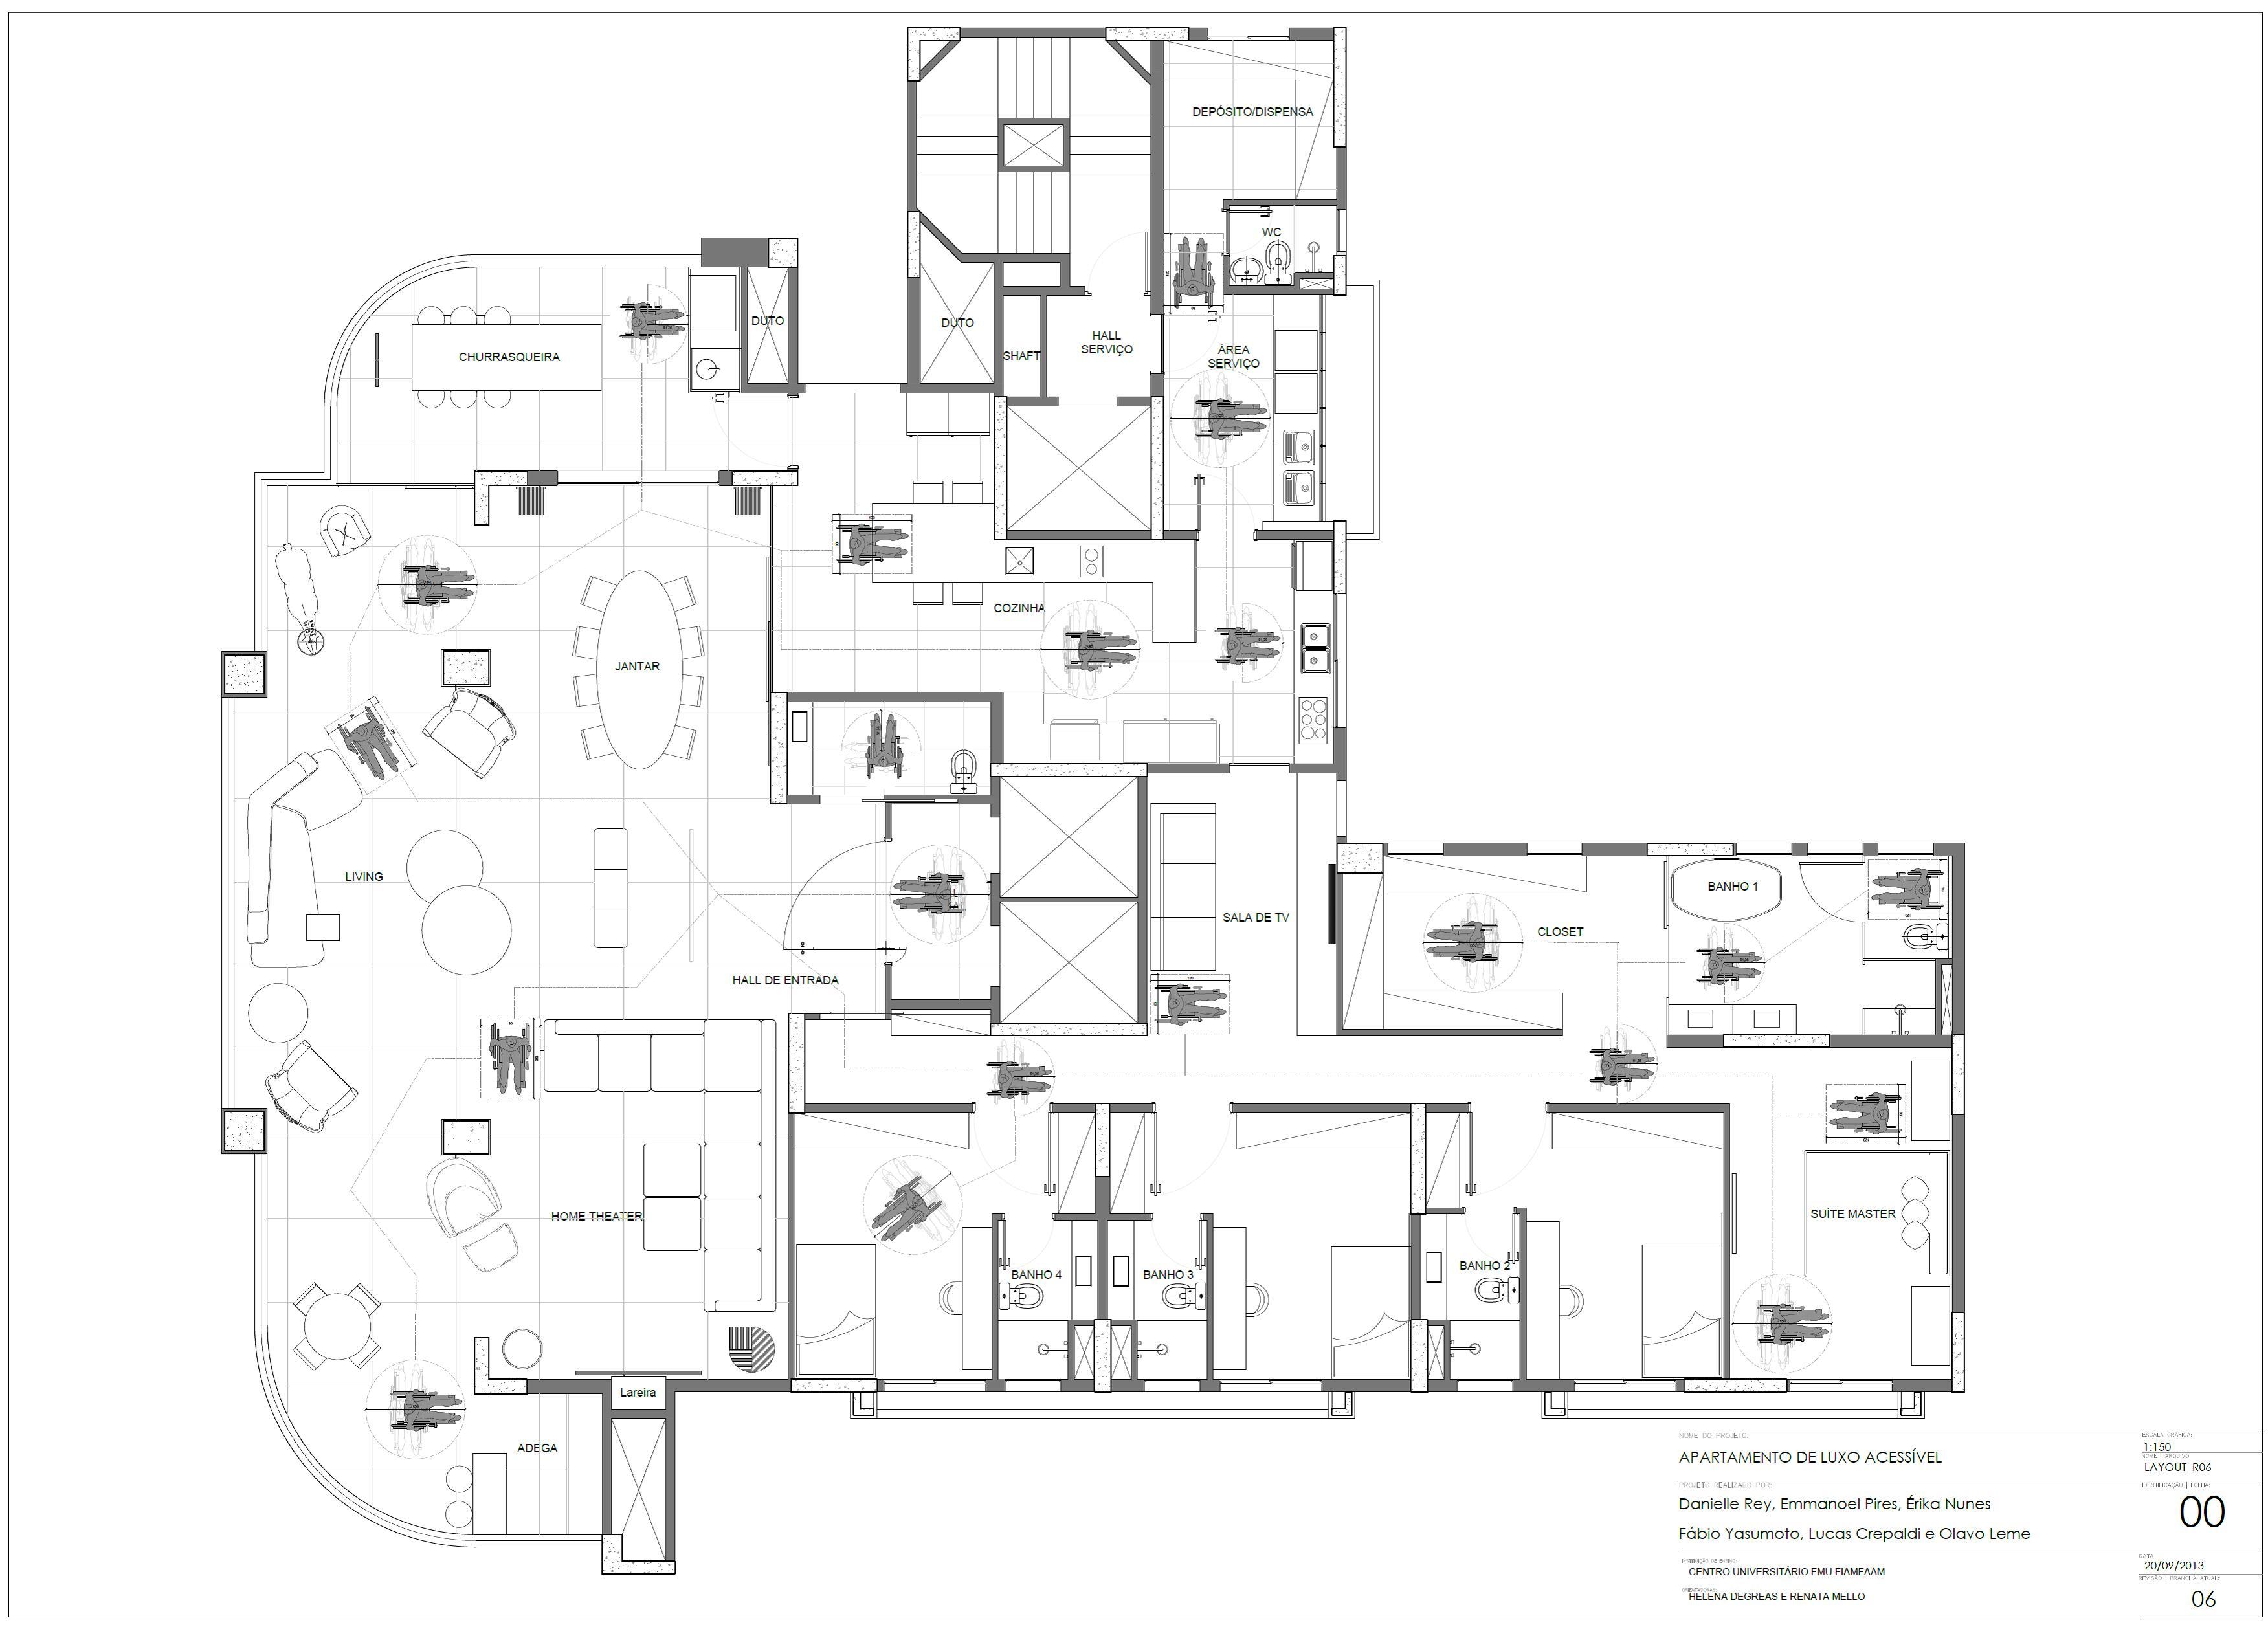 Revista Casa Projeto & Estilo FIAMFAAM apartamento acessível #666A61 3504x2514 Banheiro Acessivel Planta Baixa